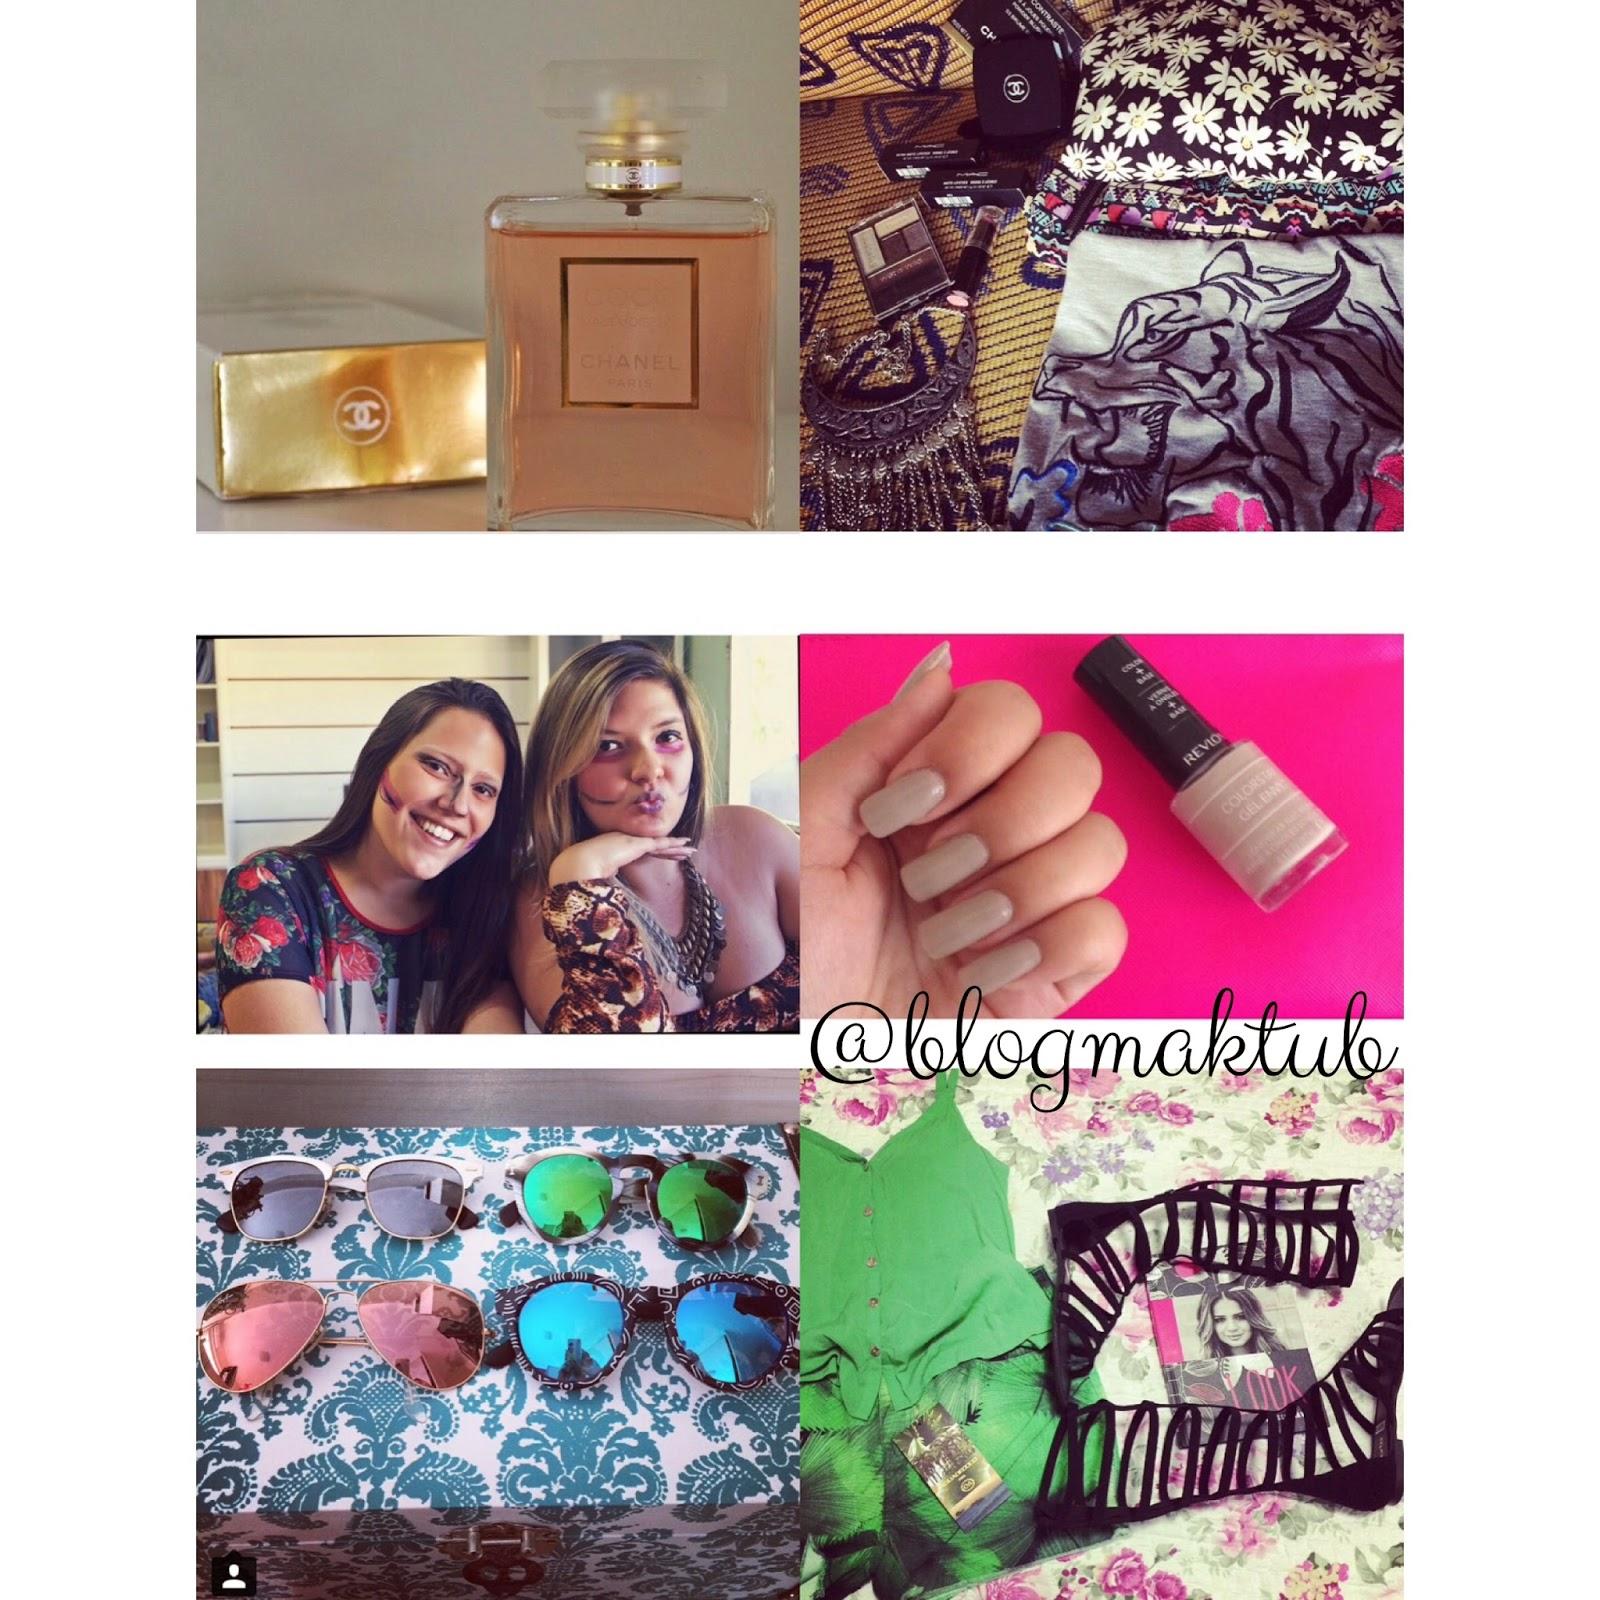 instagram-da-semana-fotografia-instaweek